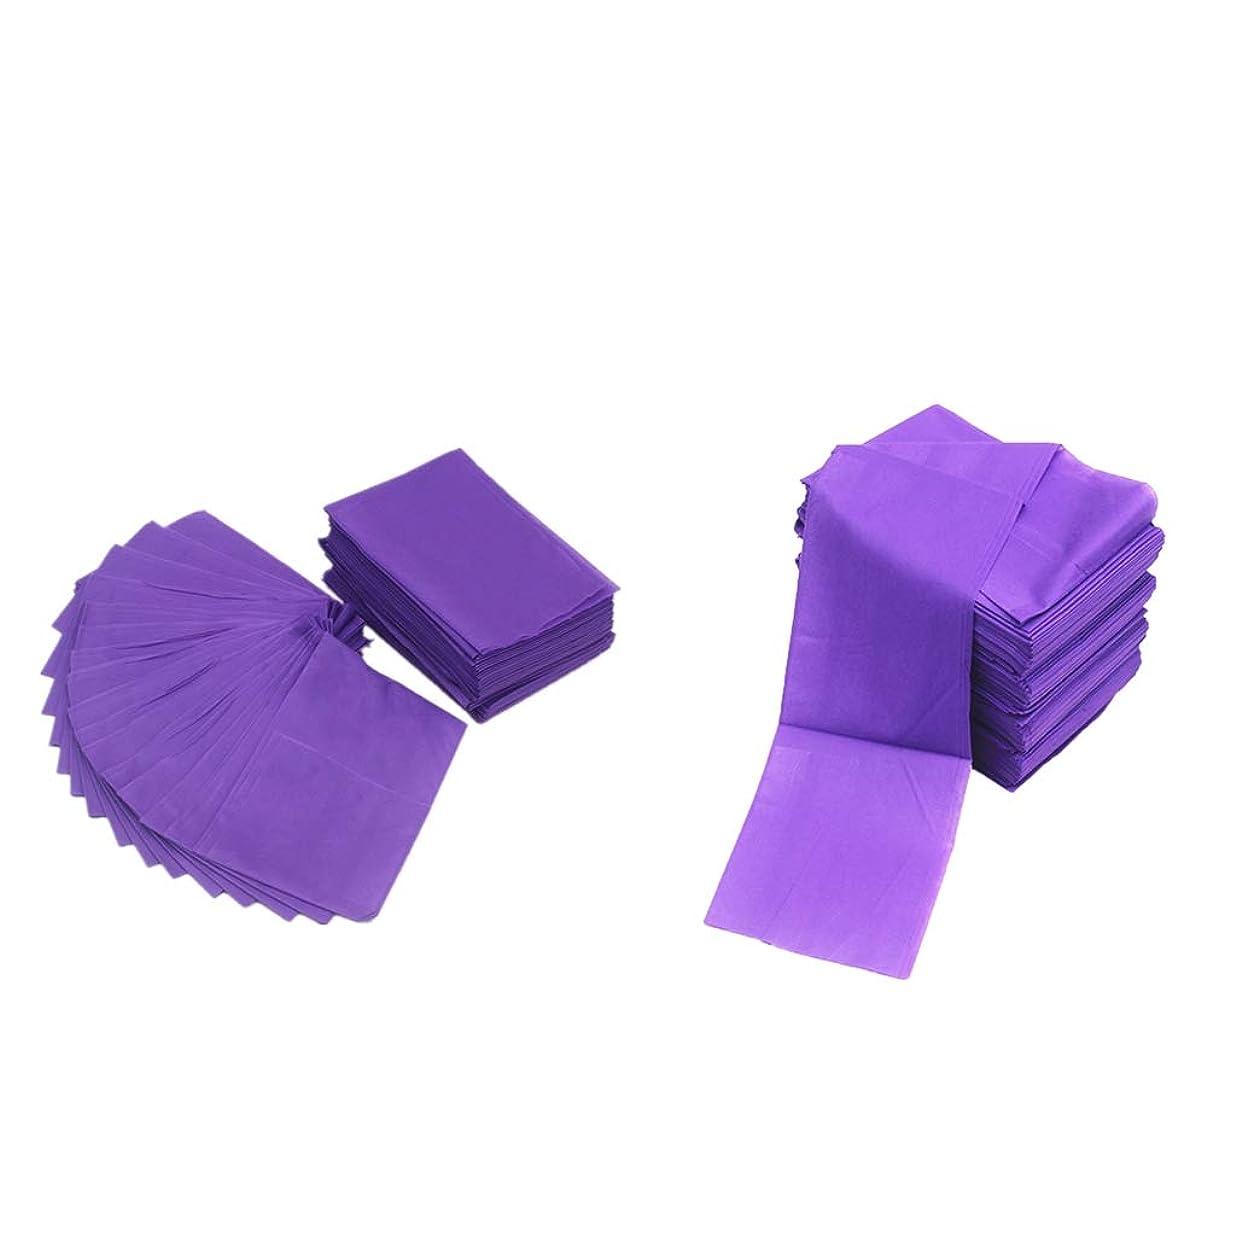 動機行列磨かれたchiwanji 20ピースセット ベッドシーツ 使い捨て ベットシート 厚さ ビューティーサロン マッサージサロン